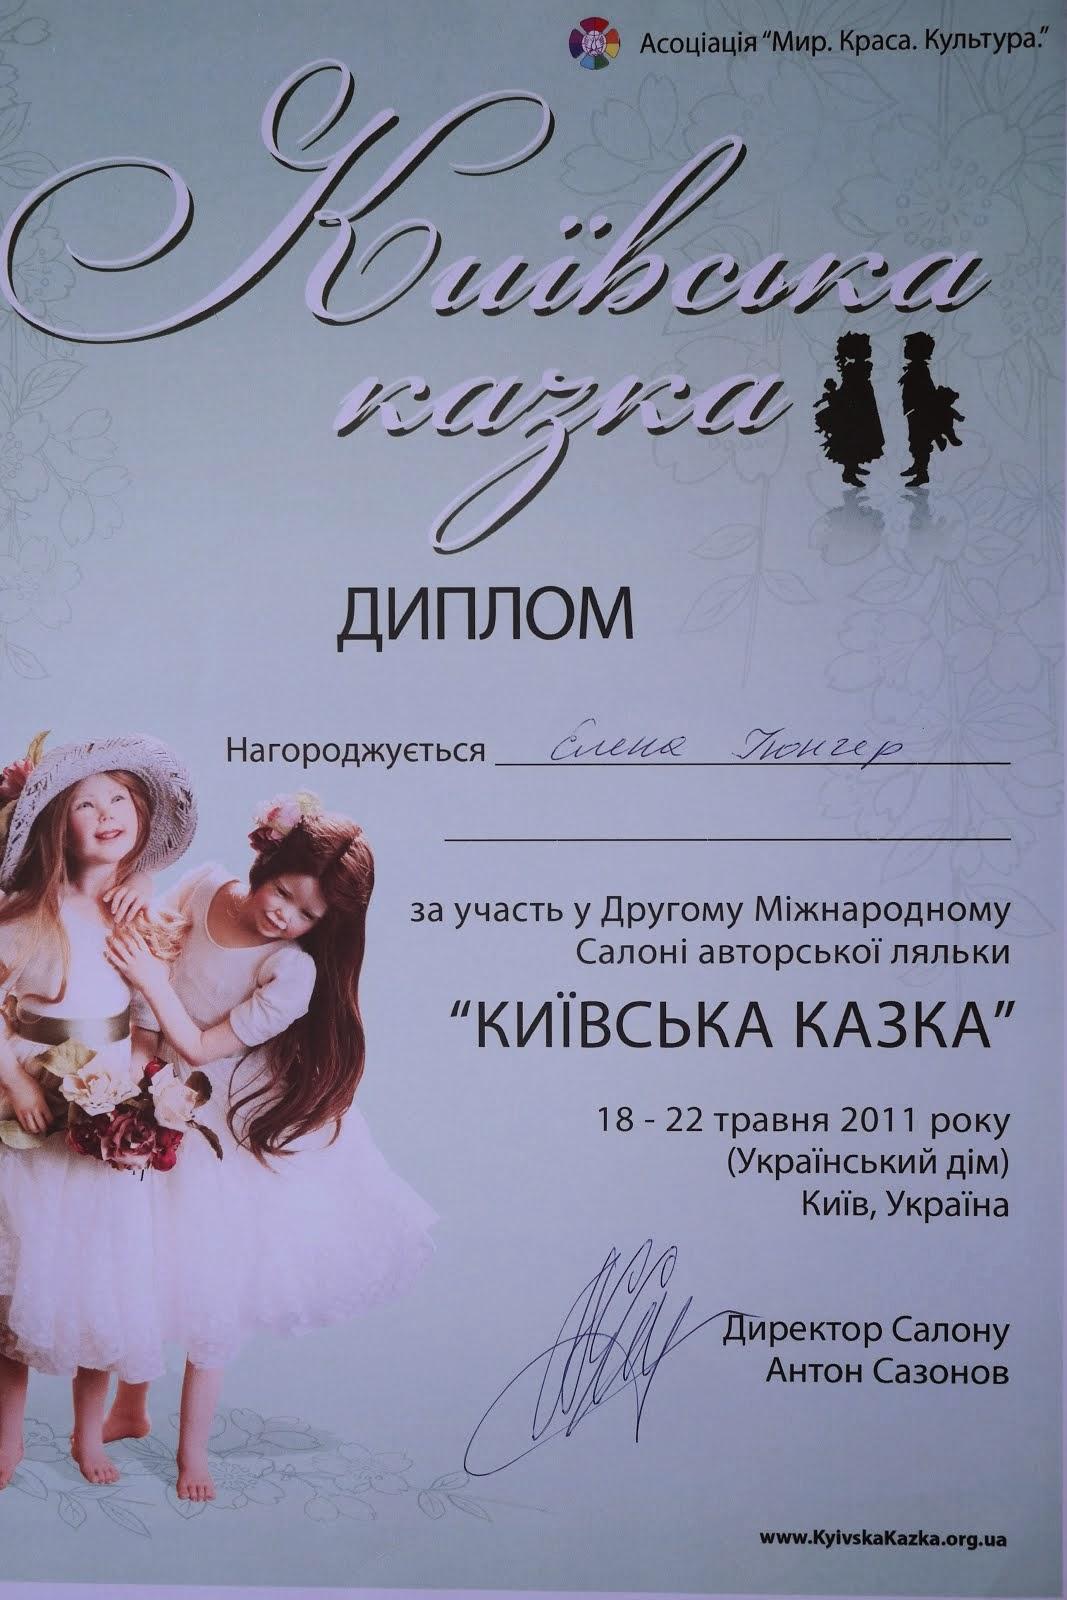 Киевская Сказка-Киев-2011год